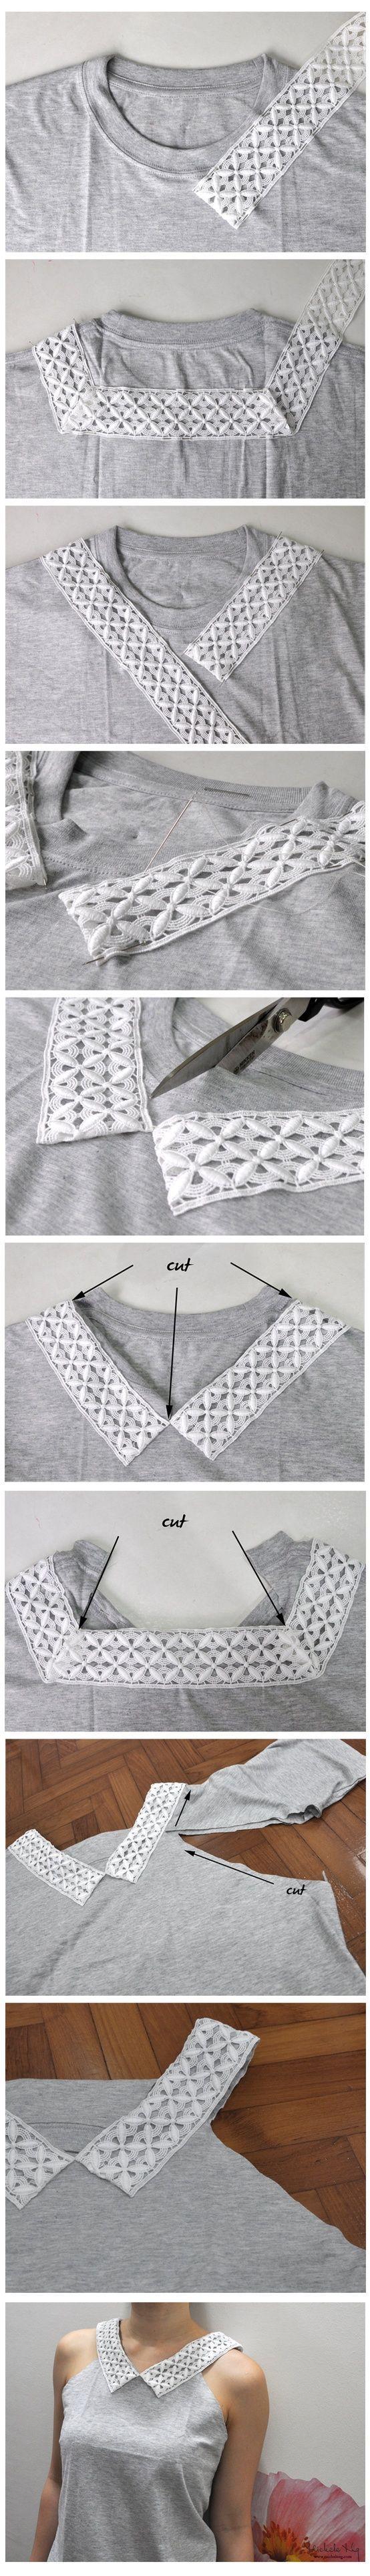 Academia Craft | Artesanato e artes para relaxar | DIY: Customização de camisetas: